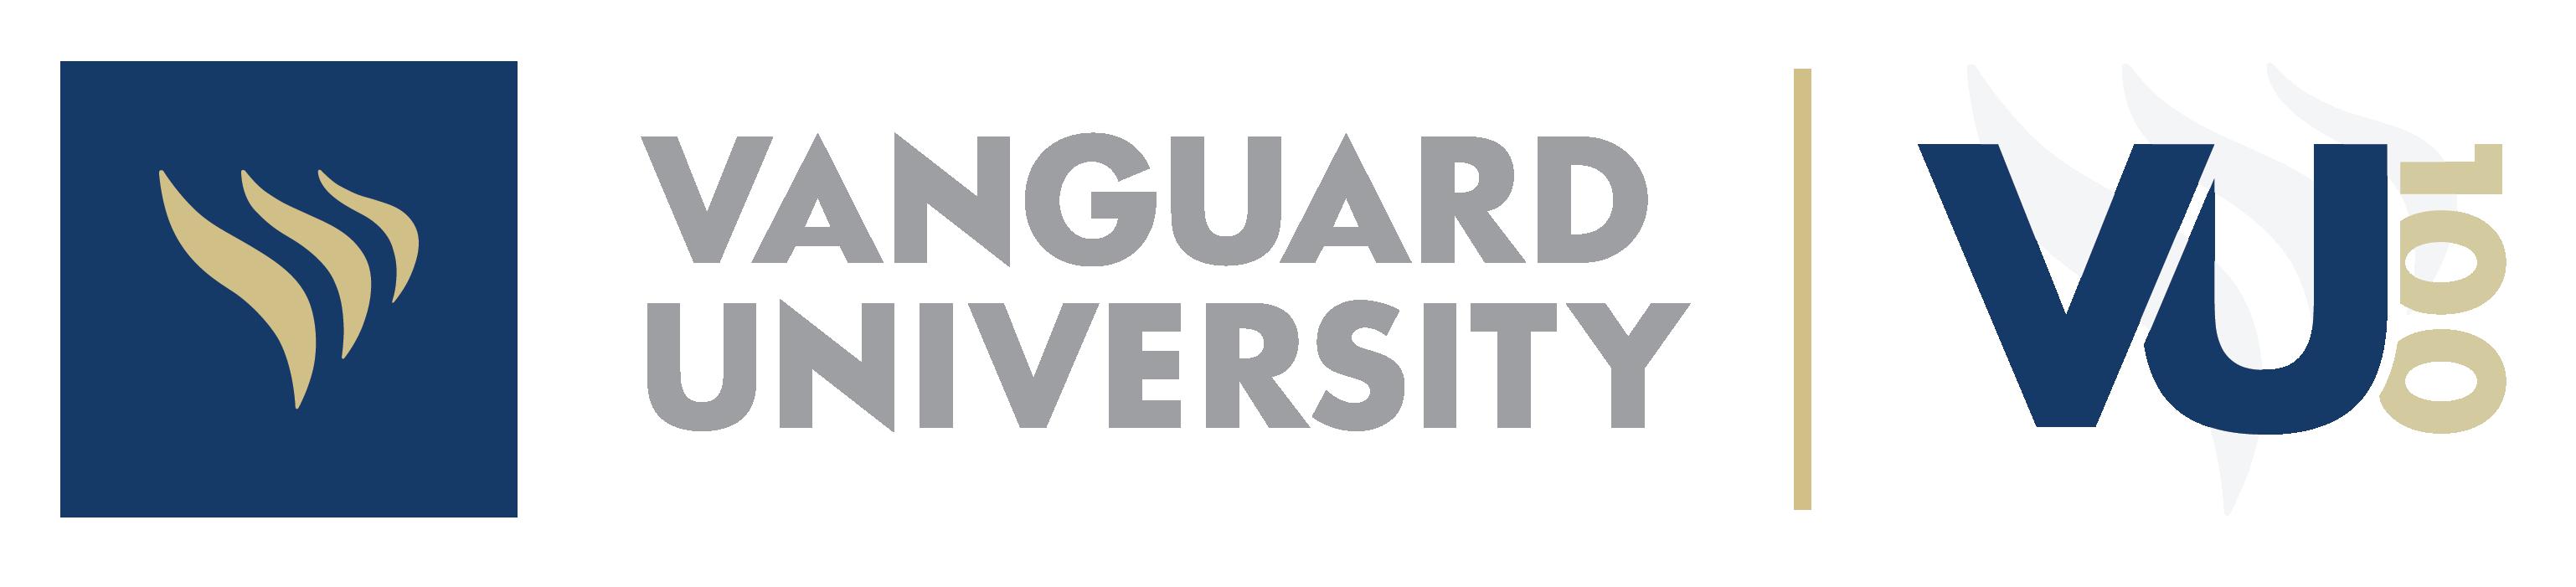 Employment Opportunities Vanguard University